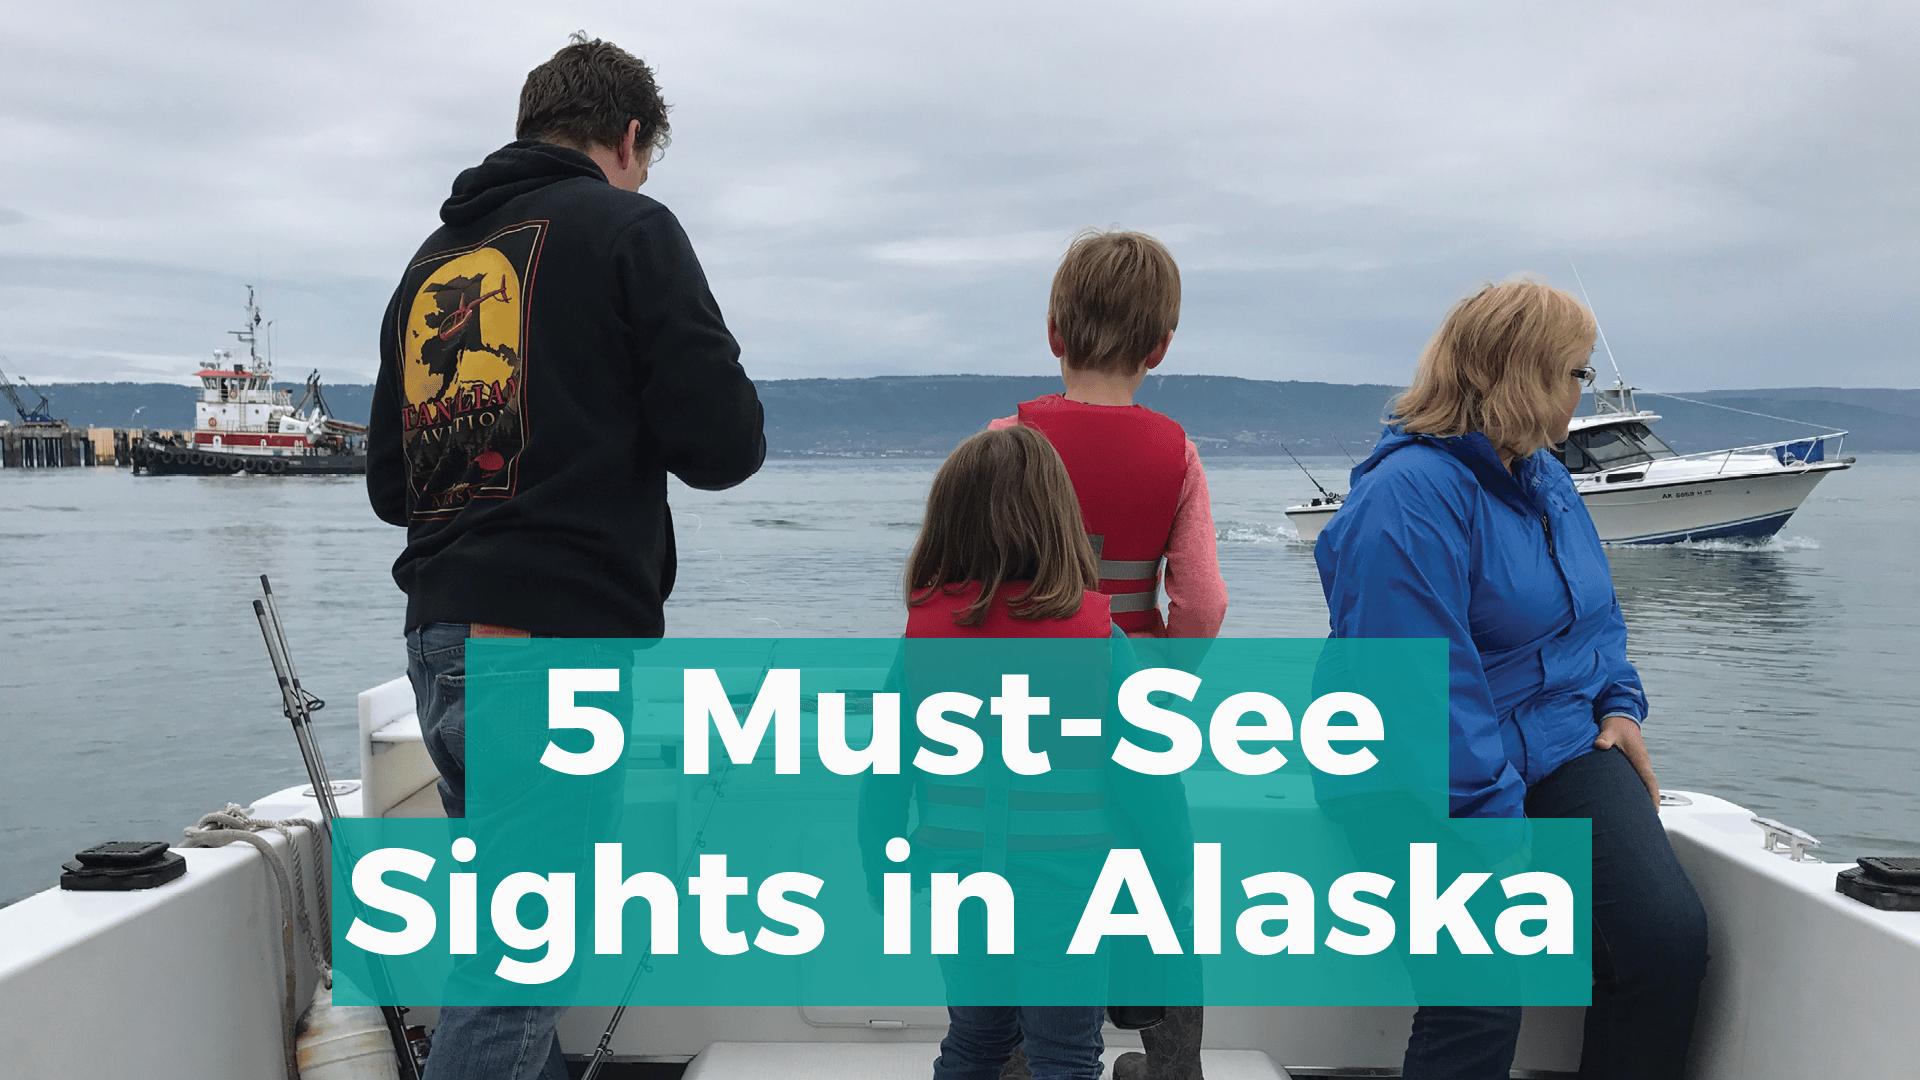 5-must-see-sights-in-alaska-header-1